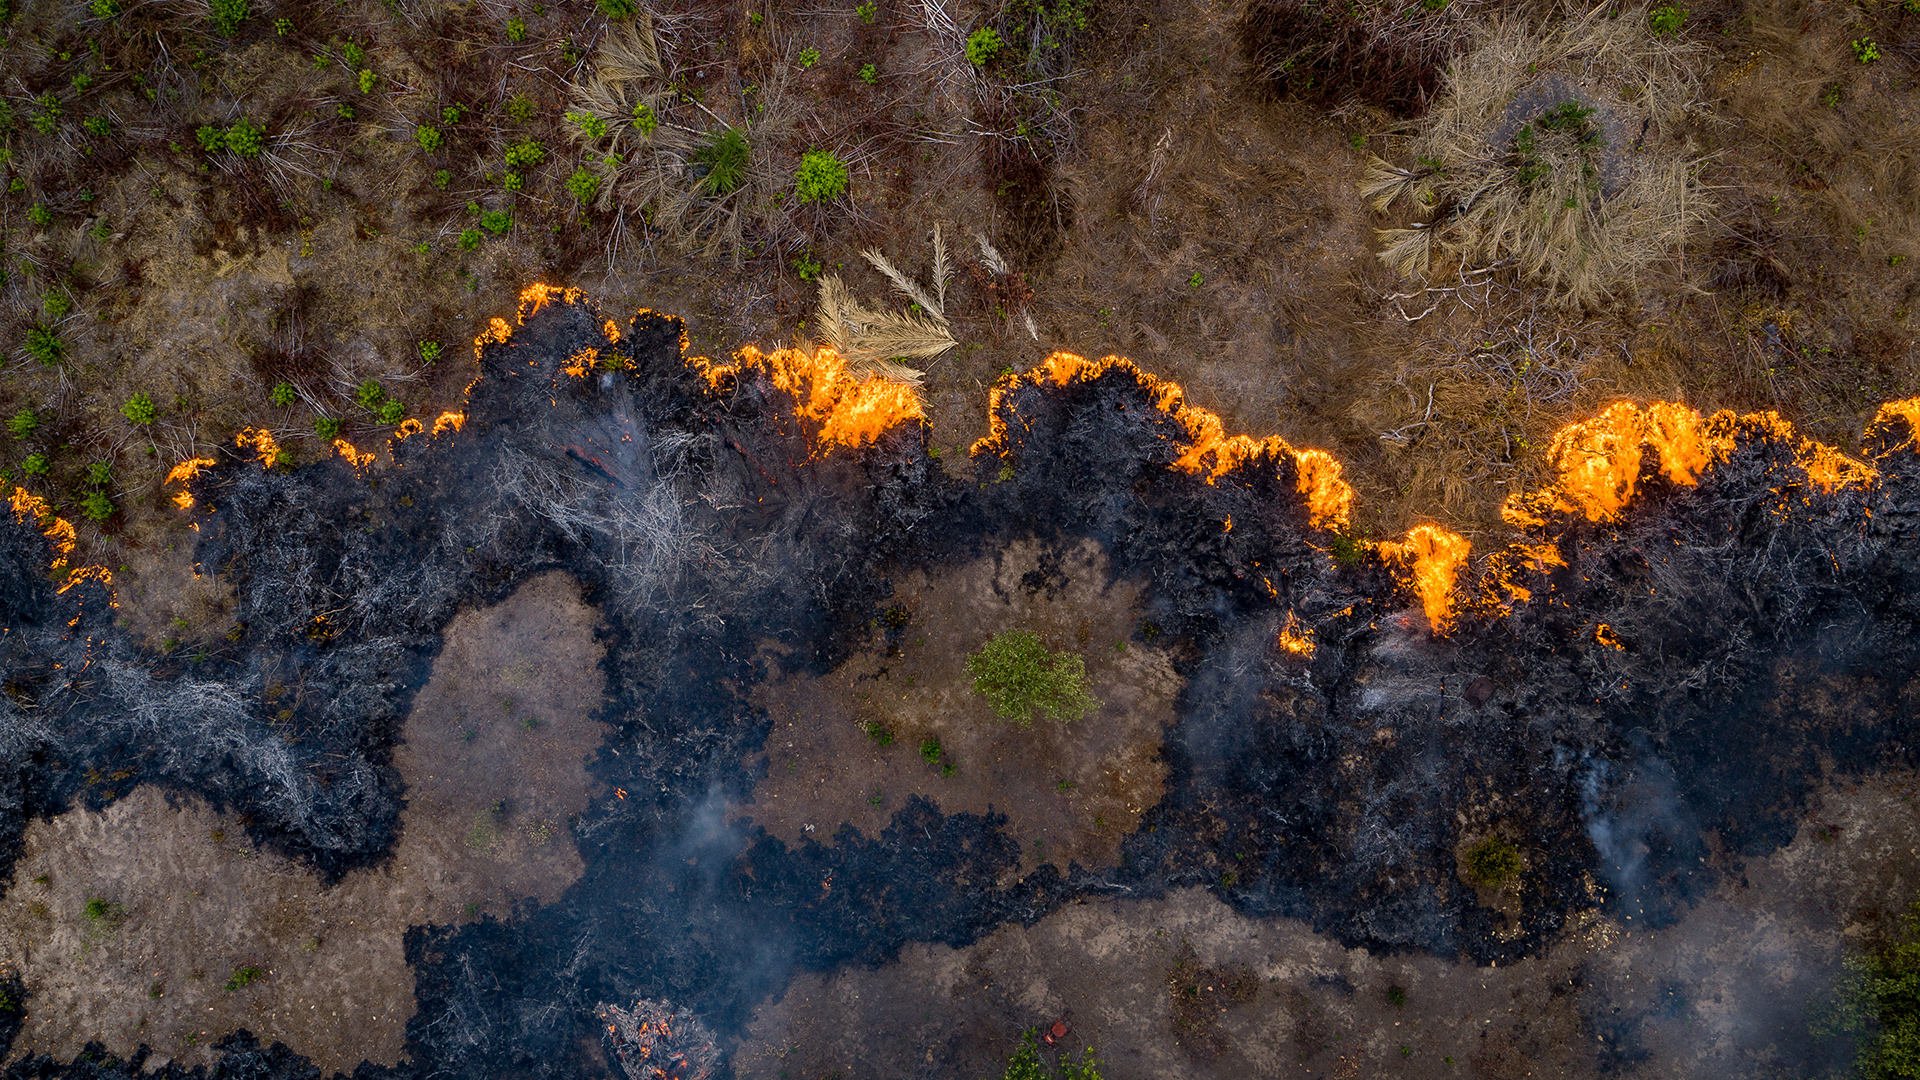 Brasilien: Mehr als 70.000 Waldbrände wurden bereits im Amazonas registriert. © Day's Edge Productions / WWF-US